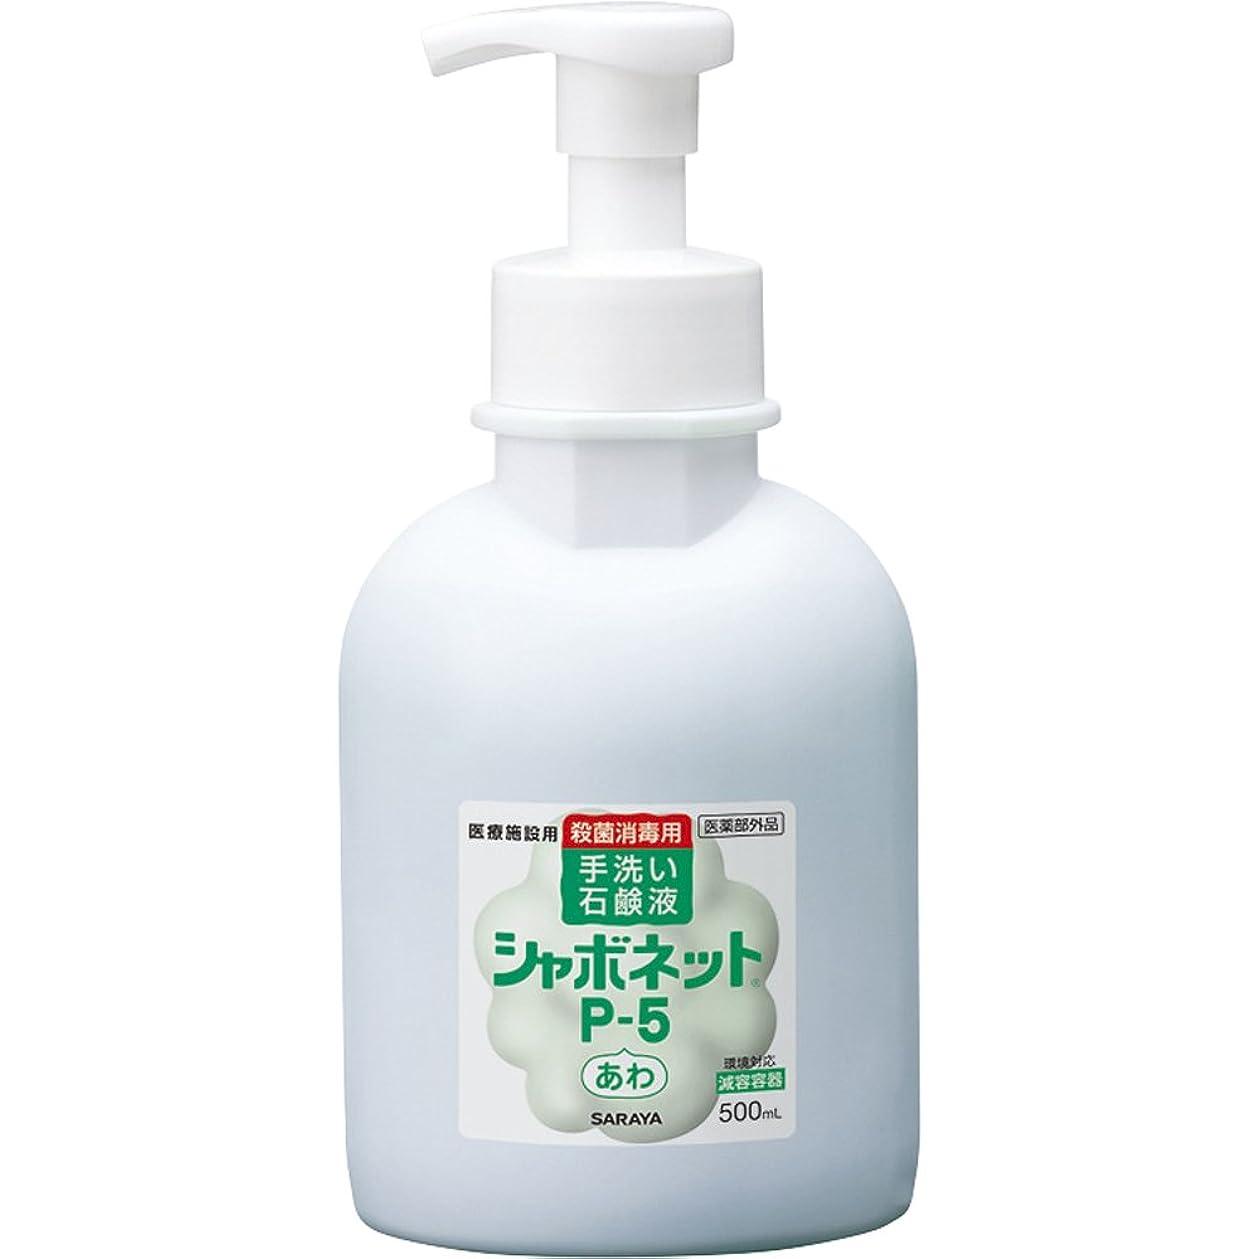 ウェイドありがたい気体のサラヤ シャボネットP-5 (500ml 泡ポンプ付) 手指殺菌?消毒 植物性薬用石けん液 (シトラスグリーンの香り)